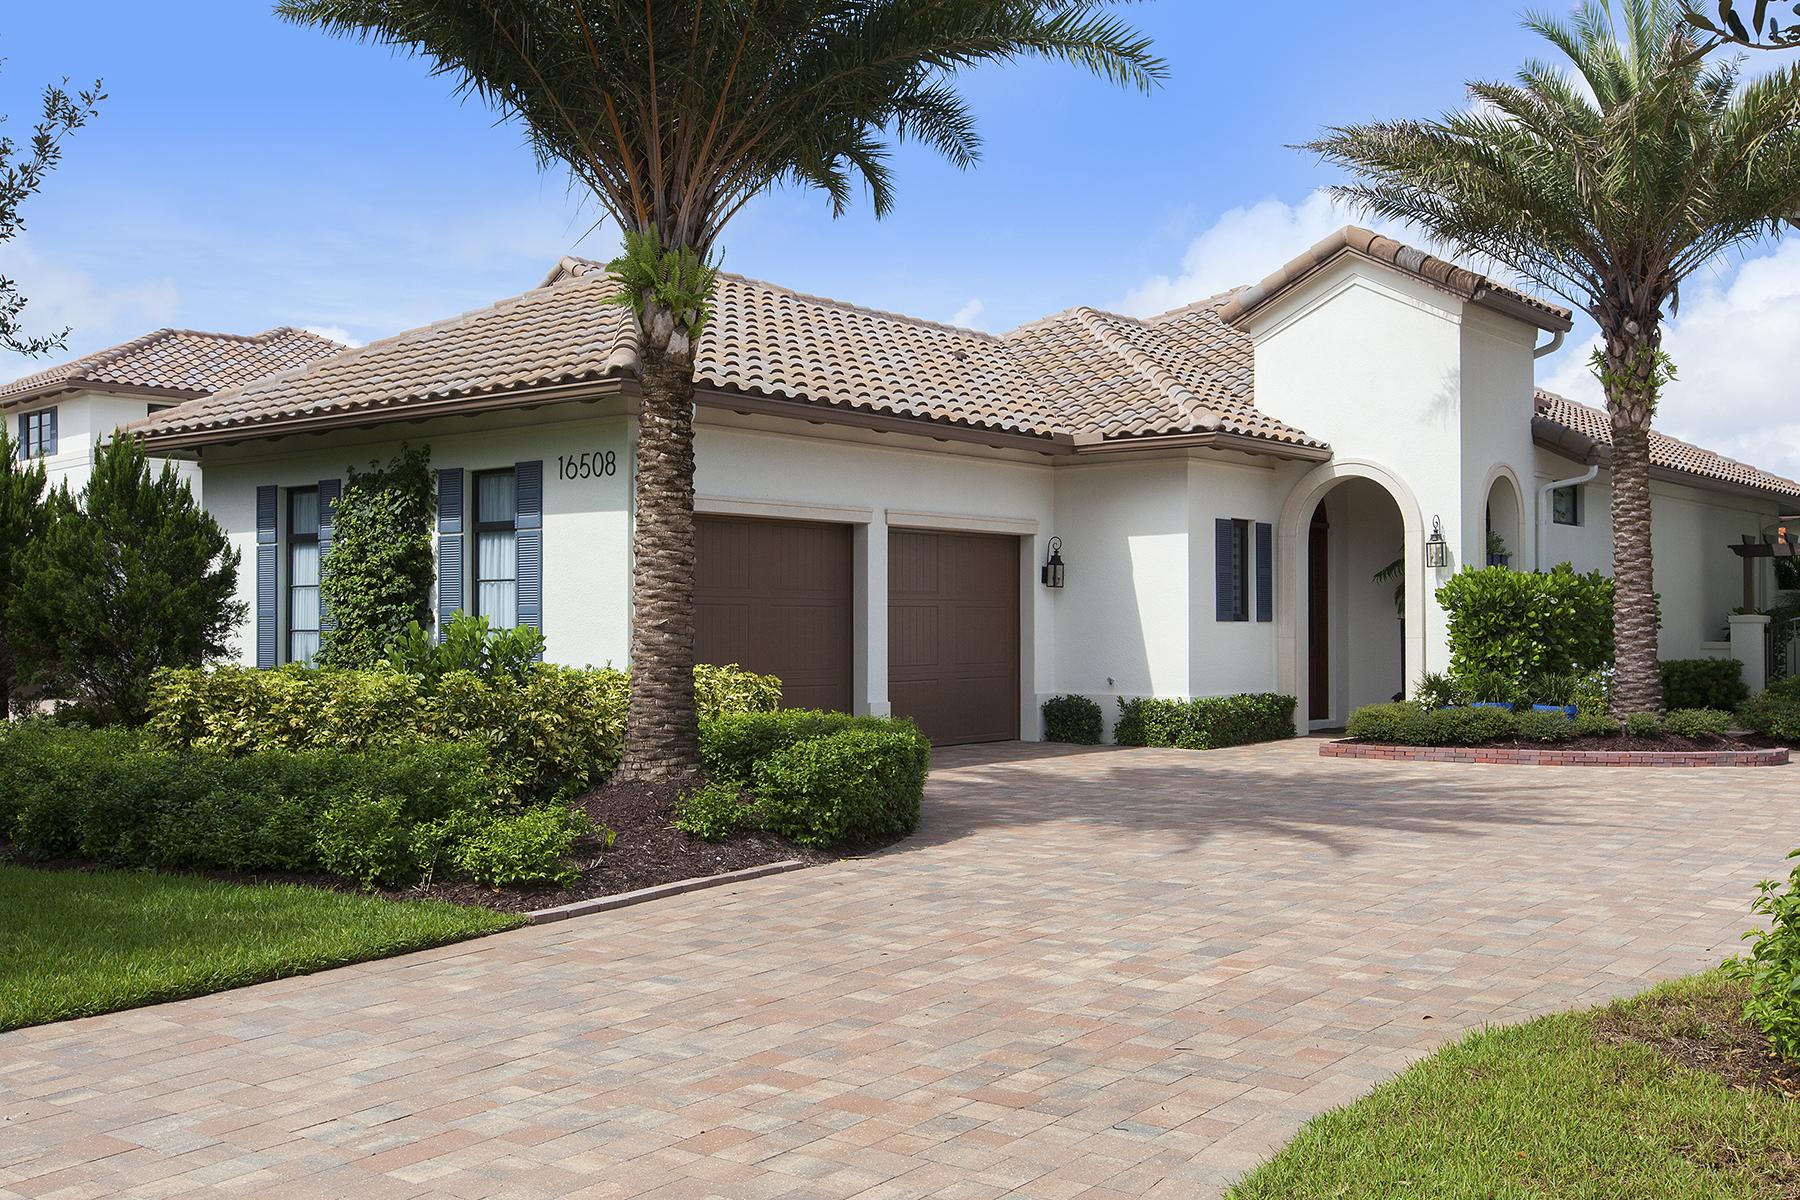 Villa per Vendita alle ore TALIS PARK 16508 Talis Park Dr Naples, Florida, 34110 Stati Uniti